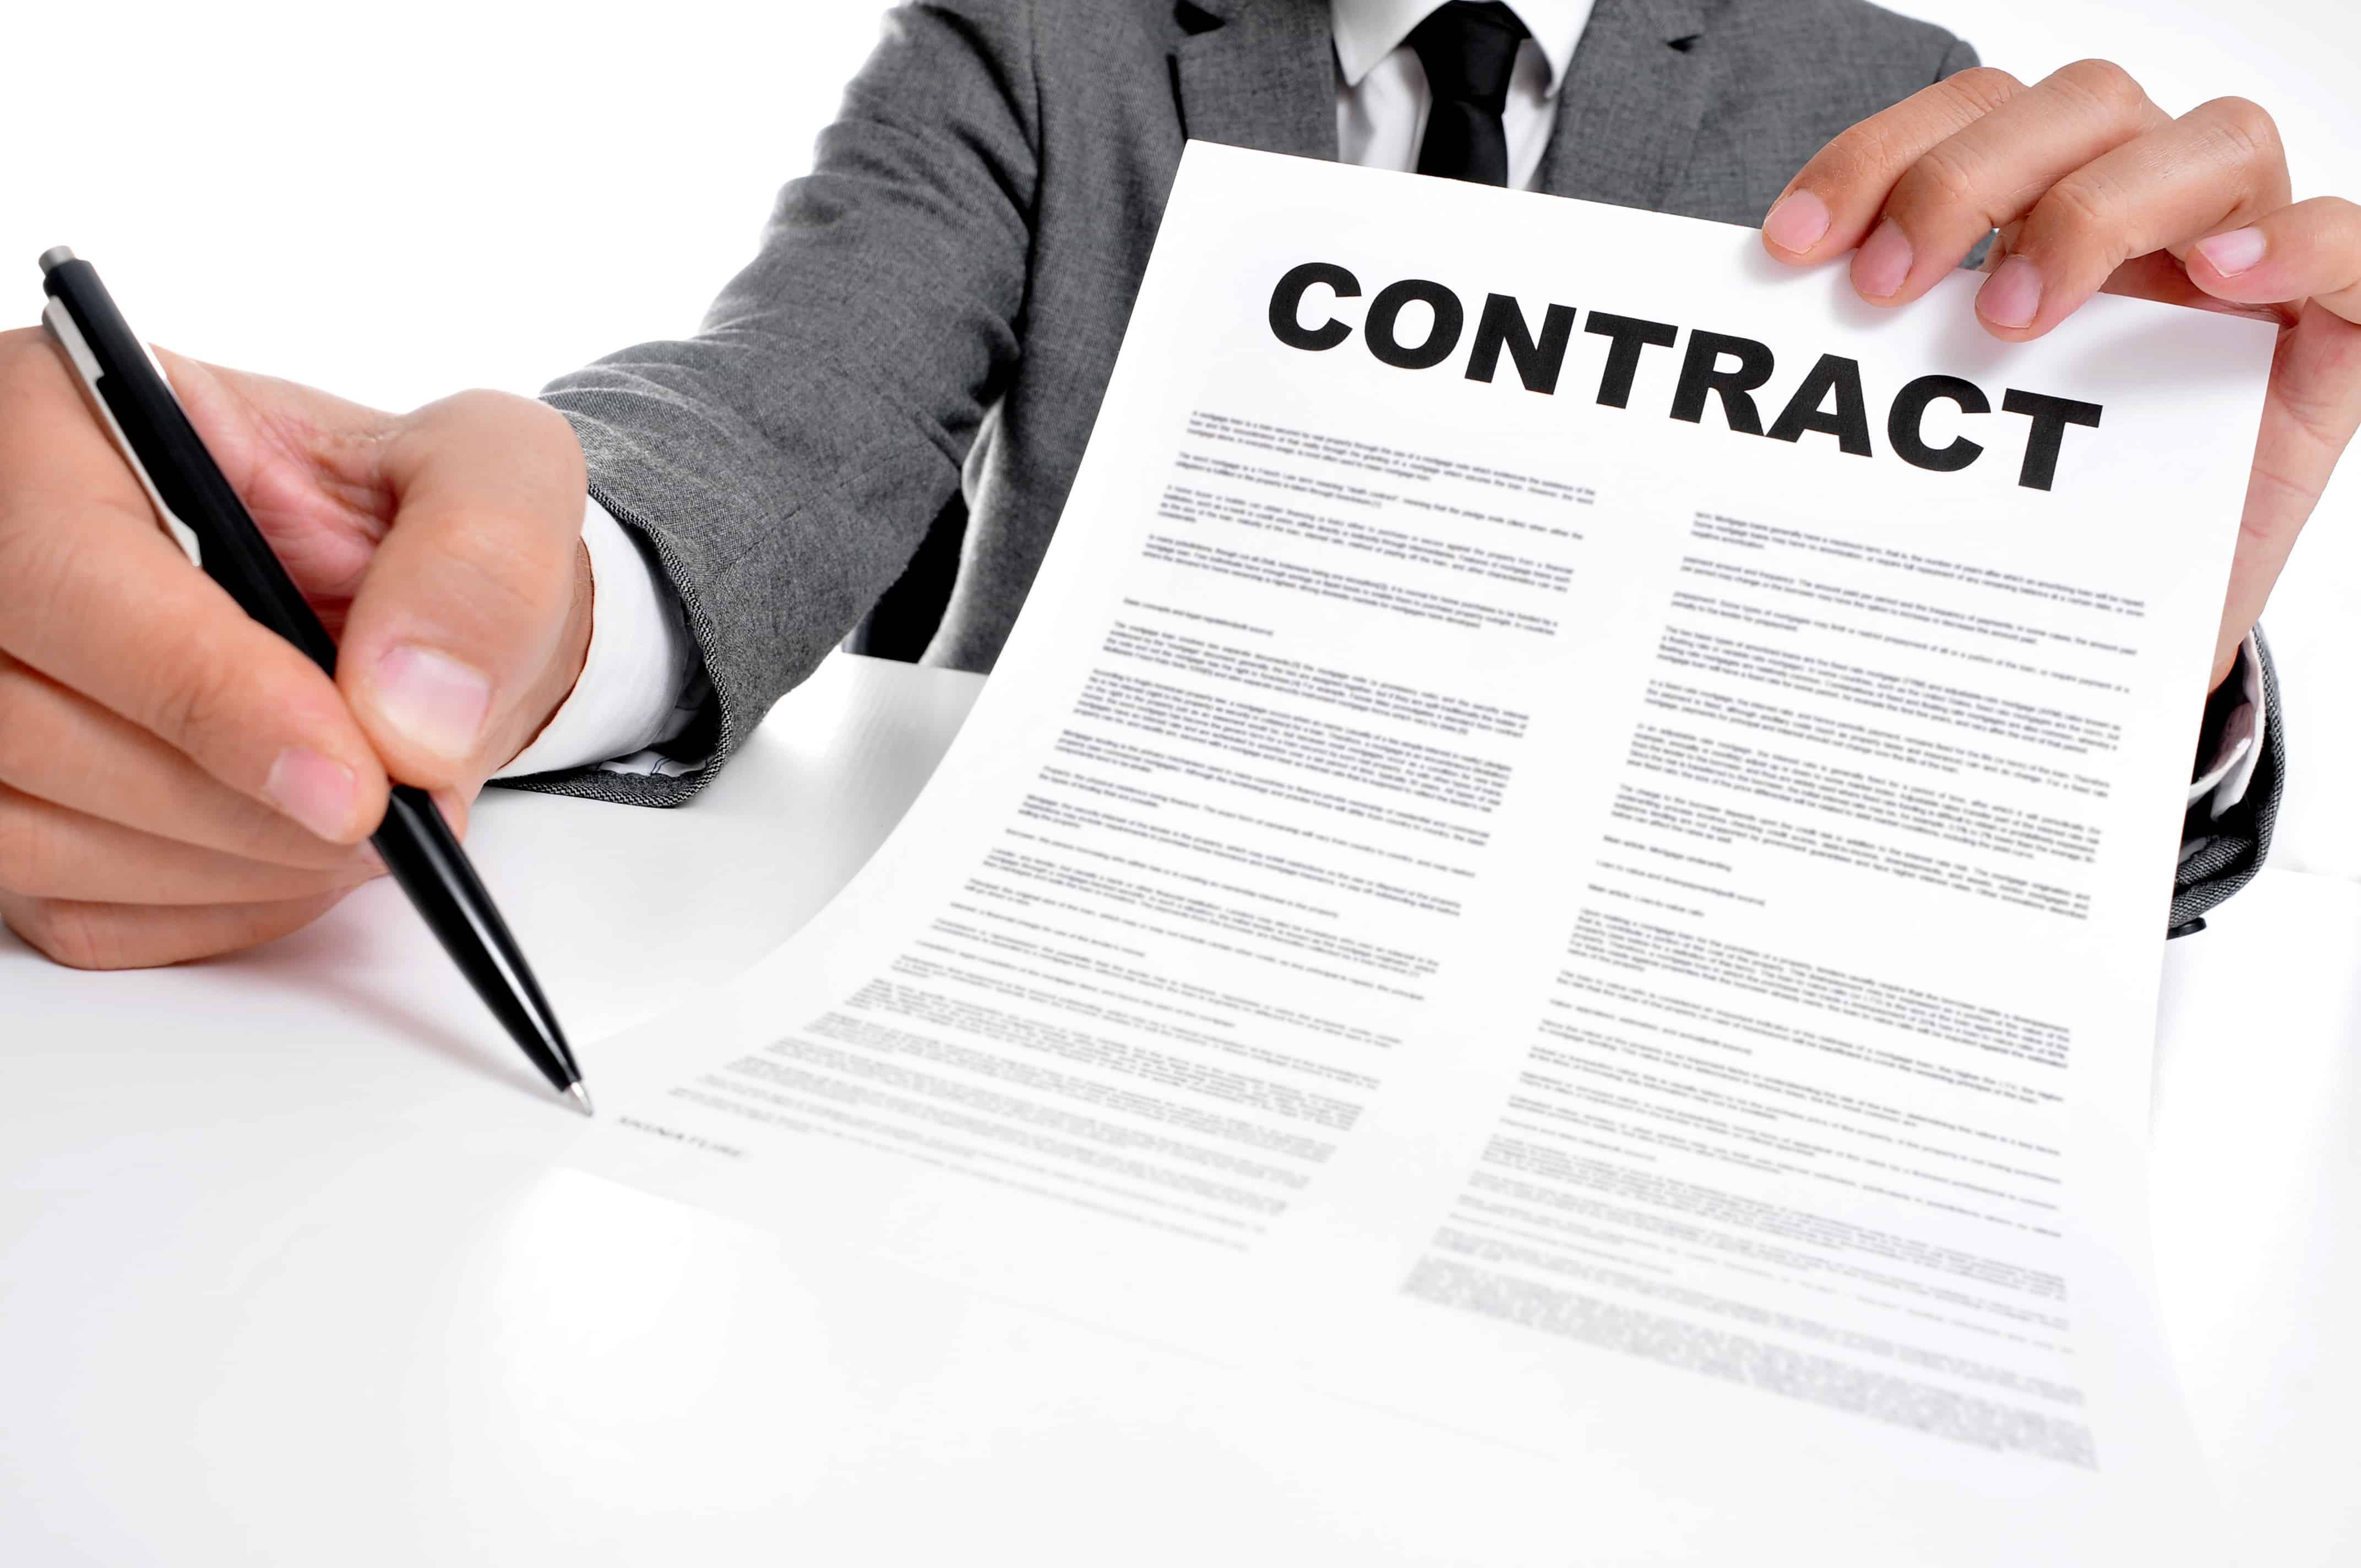 Как бессрочный трудовой договор перевести в срочный